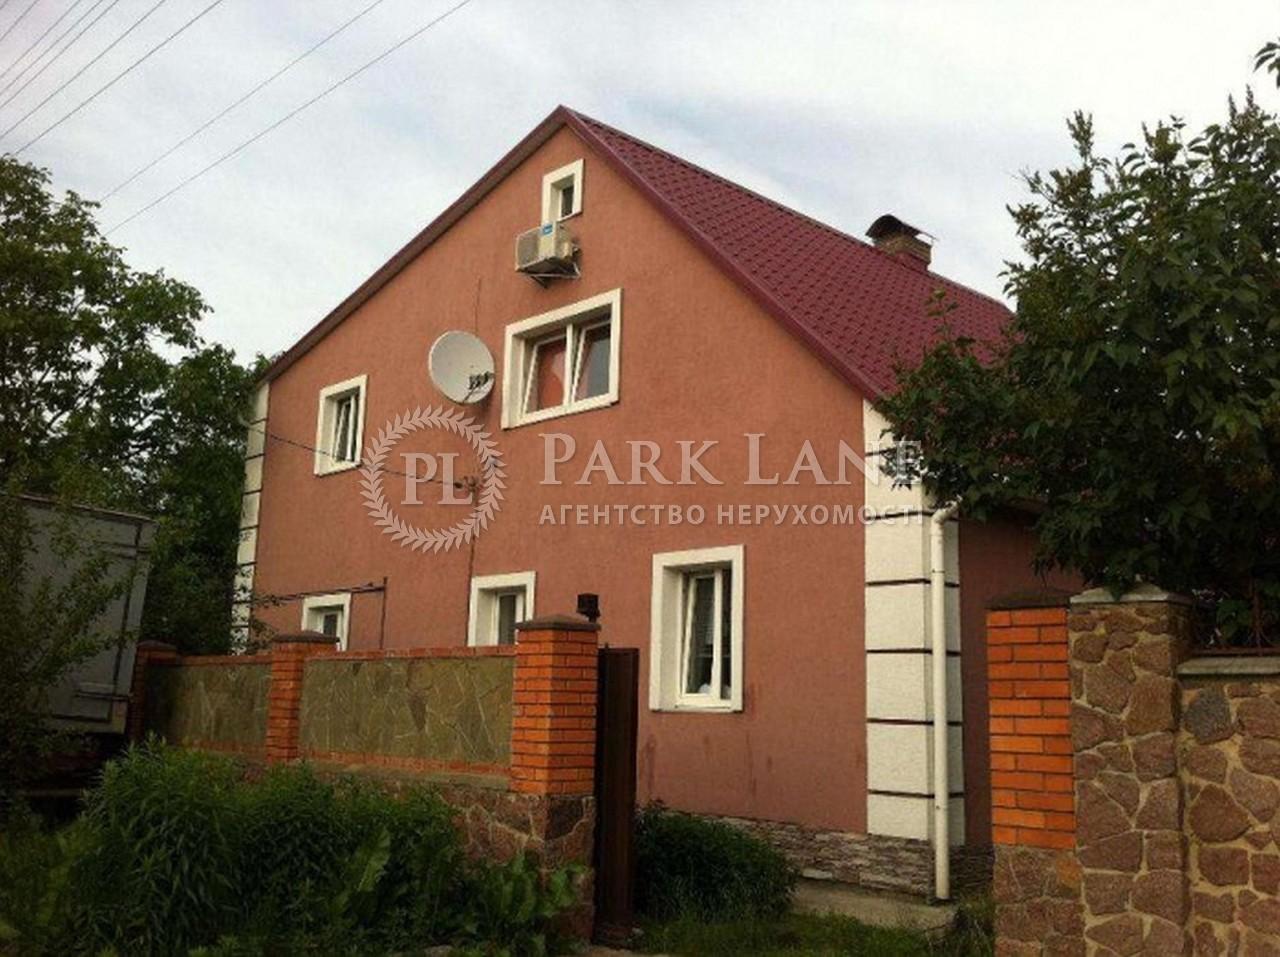 Дом ул. Селекционеров, Киев, Z-1573356 - Фото 1